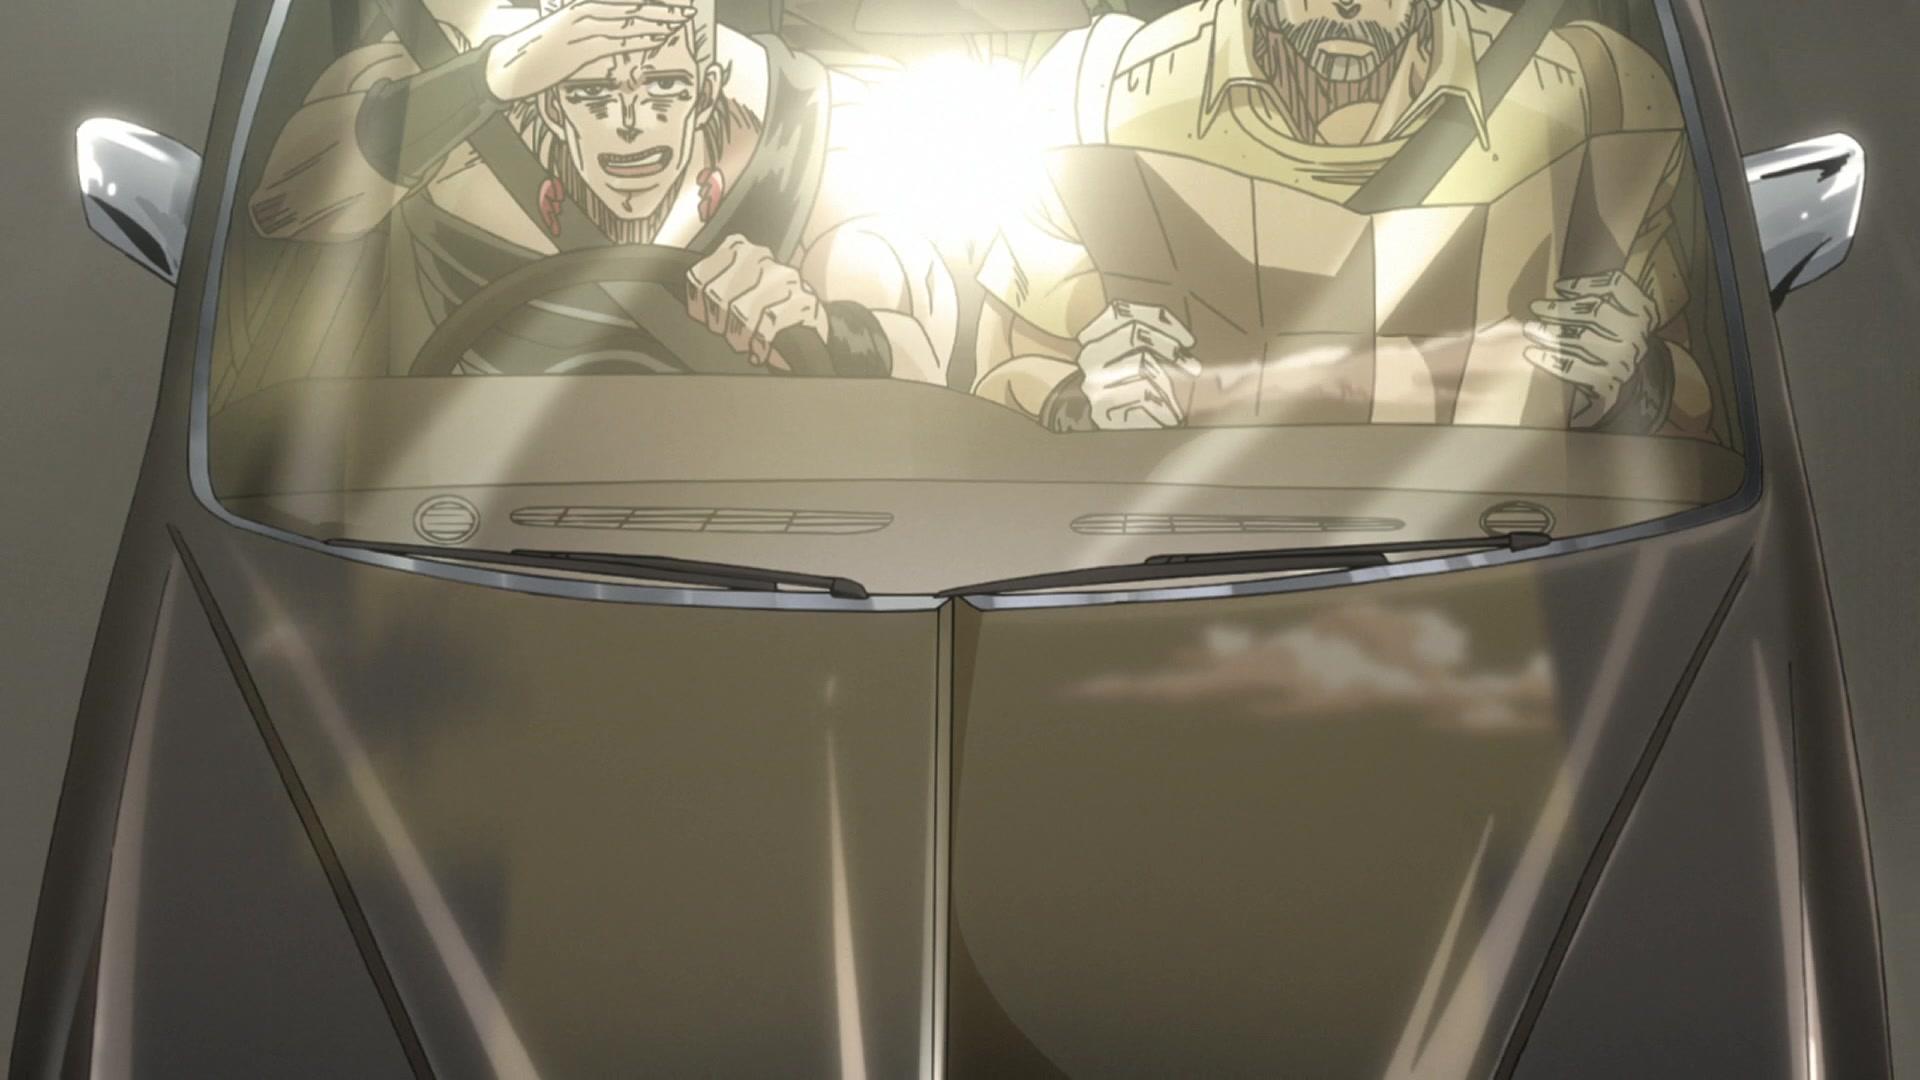 JoJo's Bizarre Adventure: Stardust Crusaders Episode 18, The